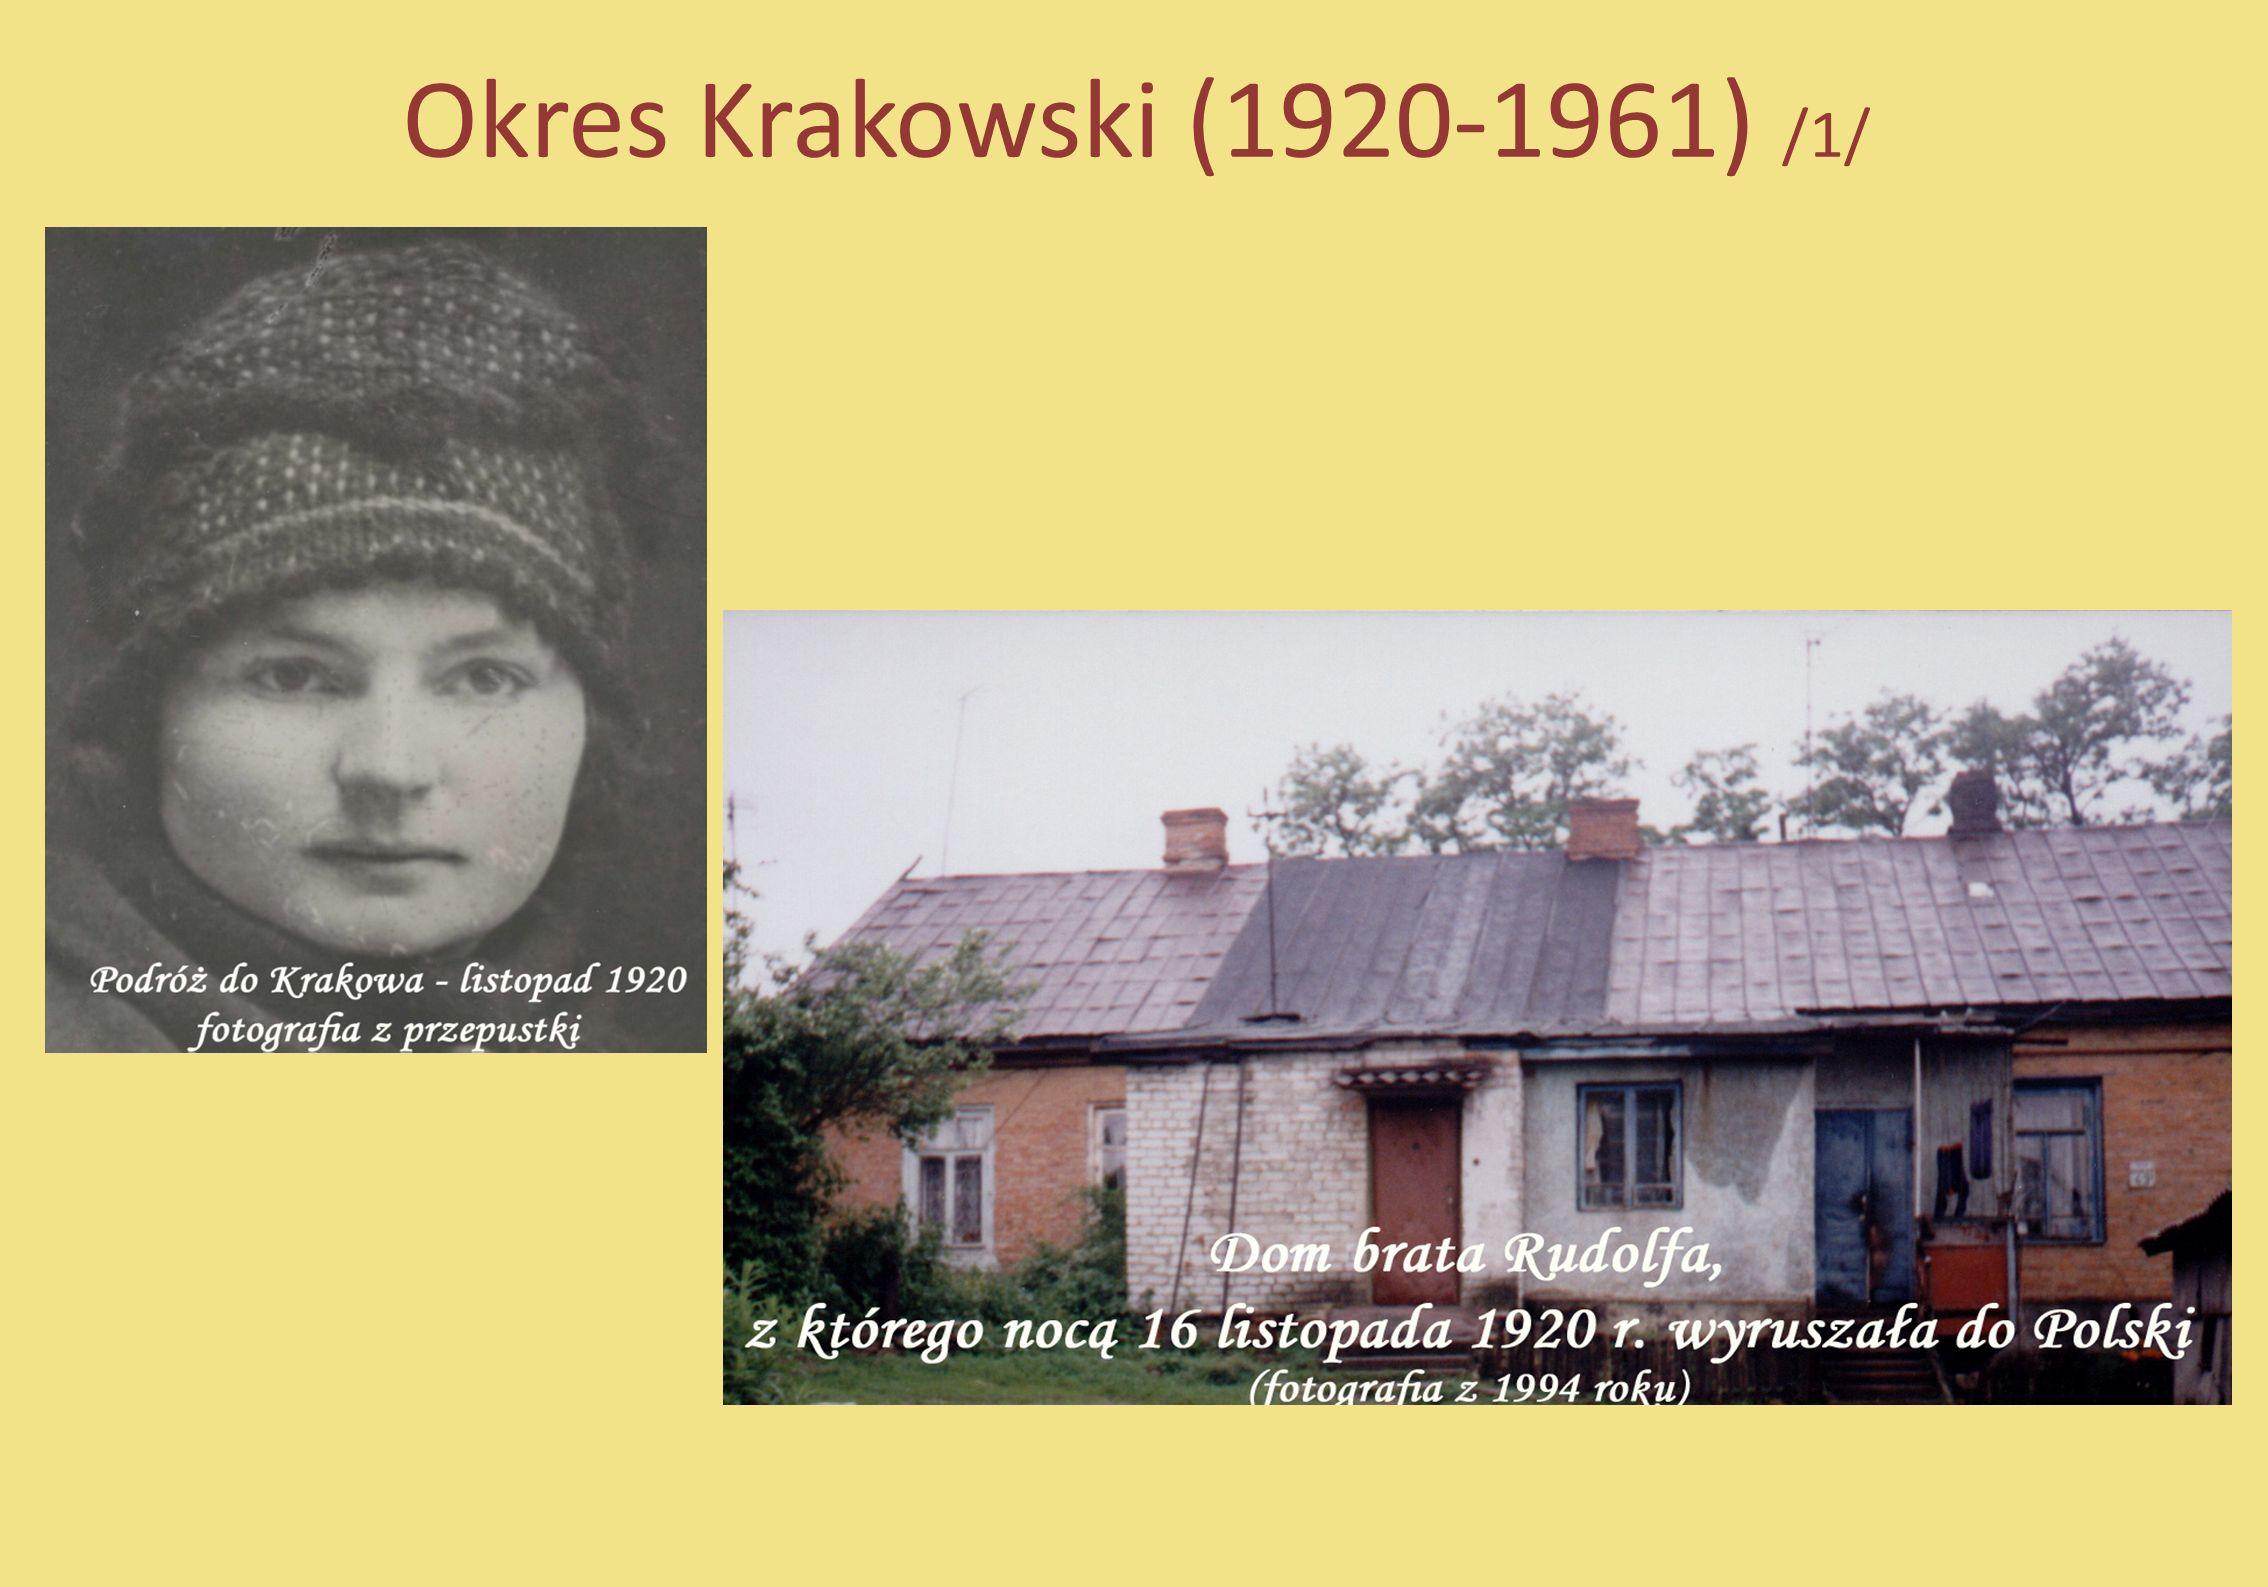 Okres Krakowski (1920-1961) /1/